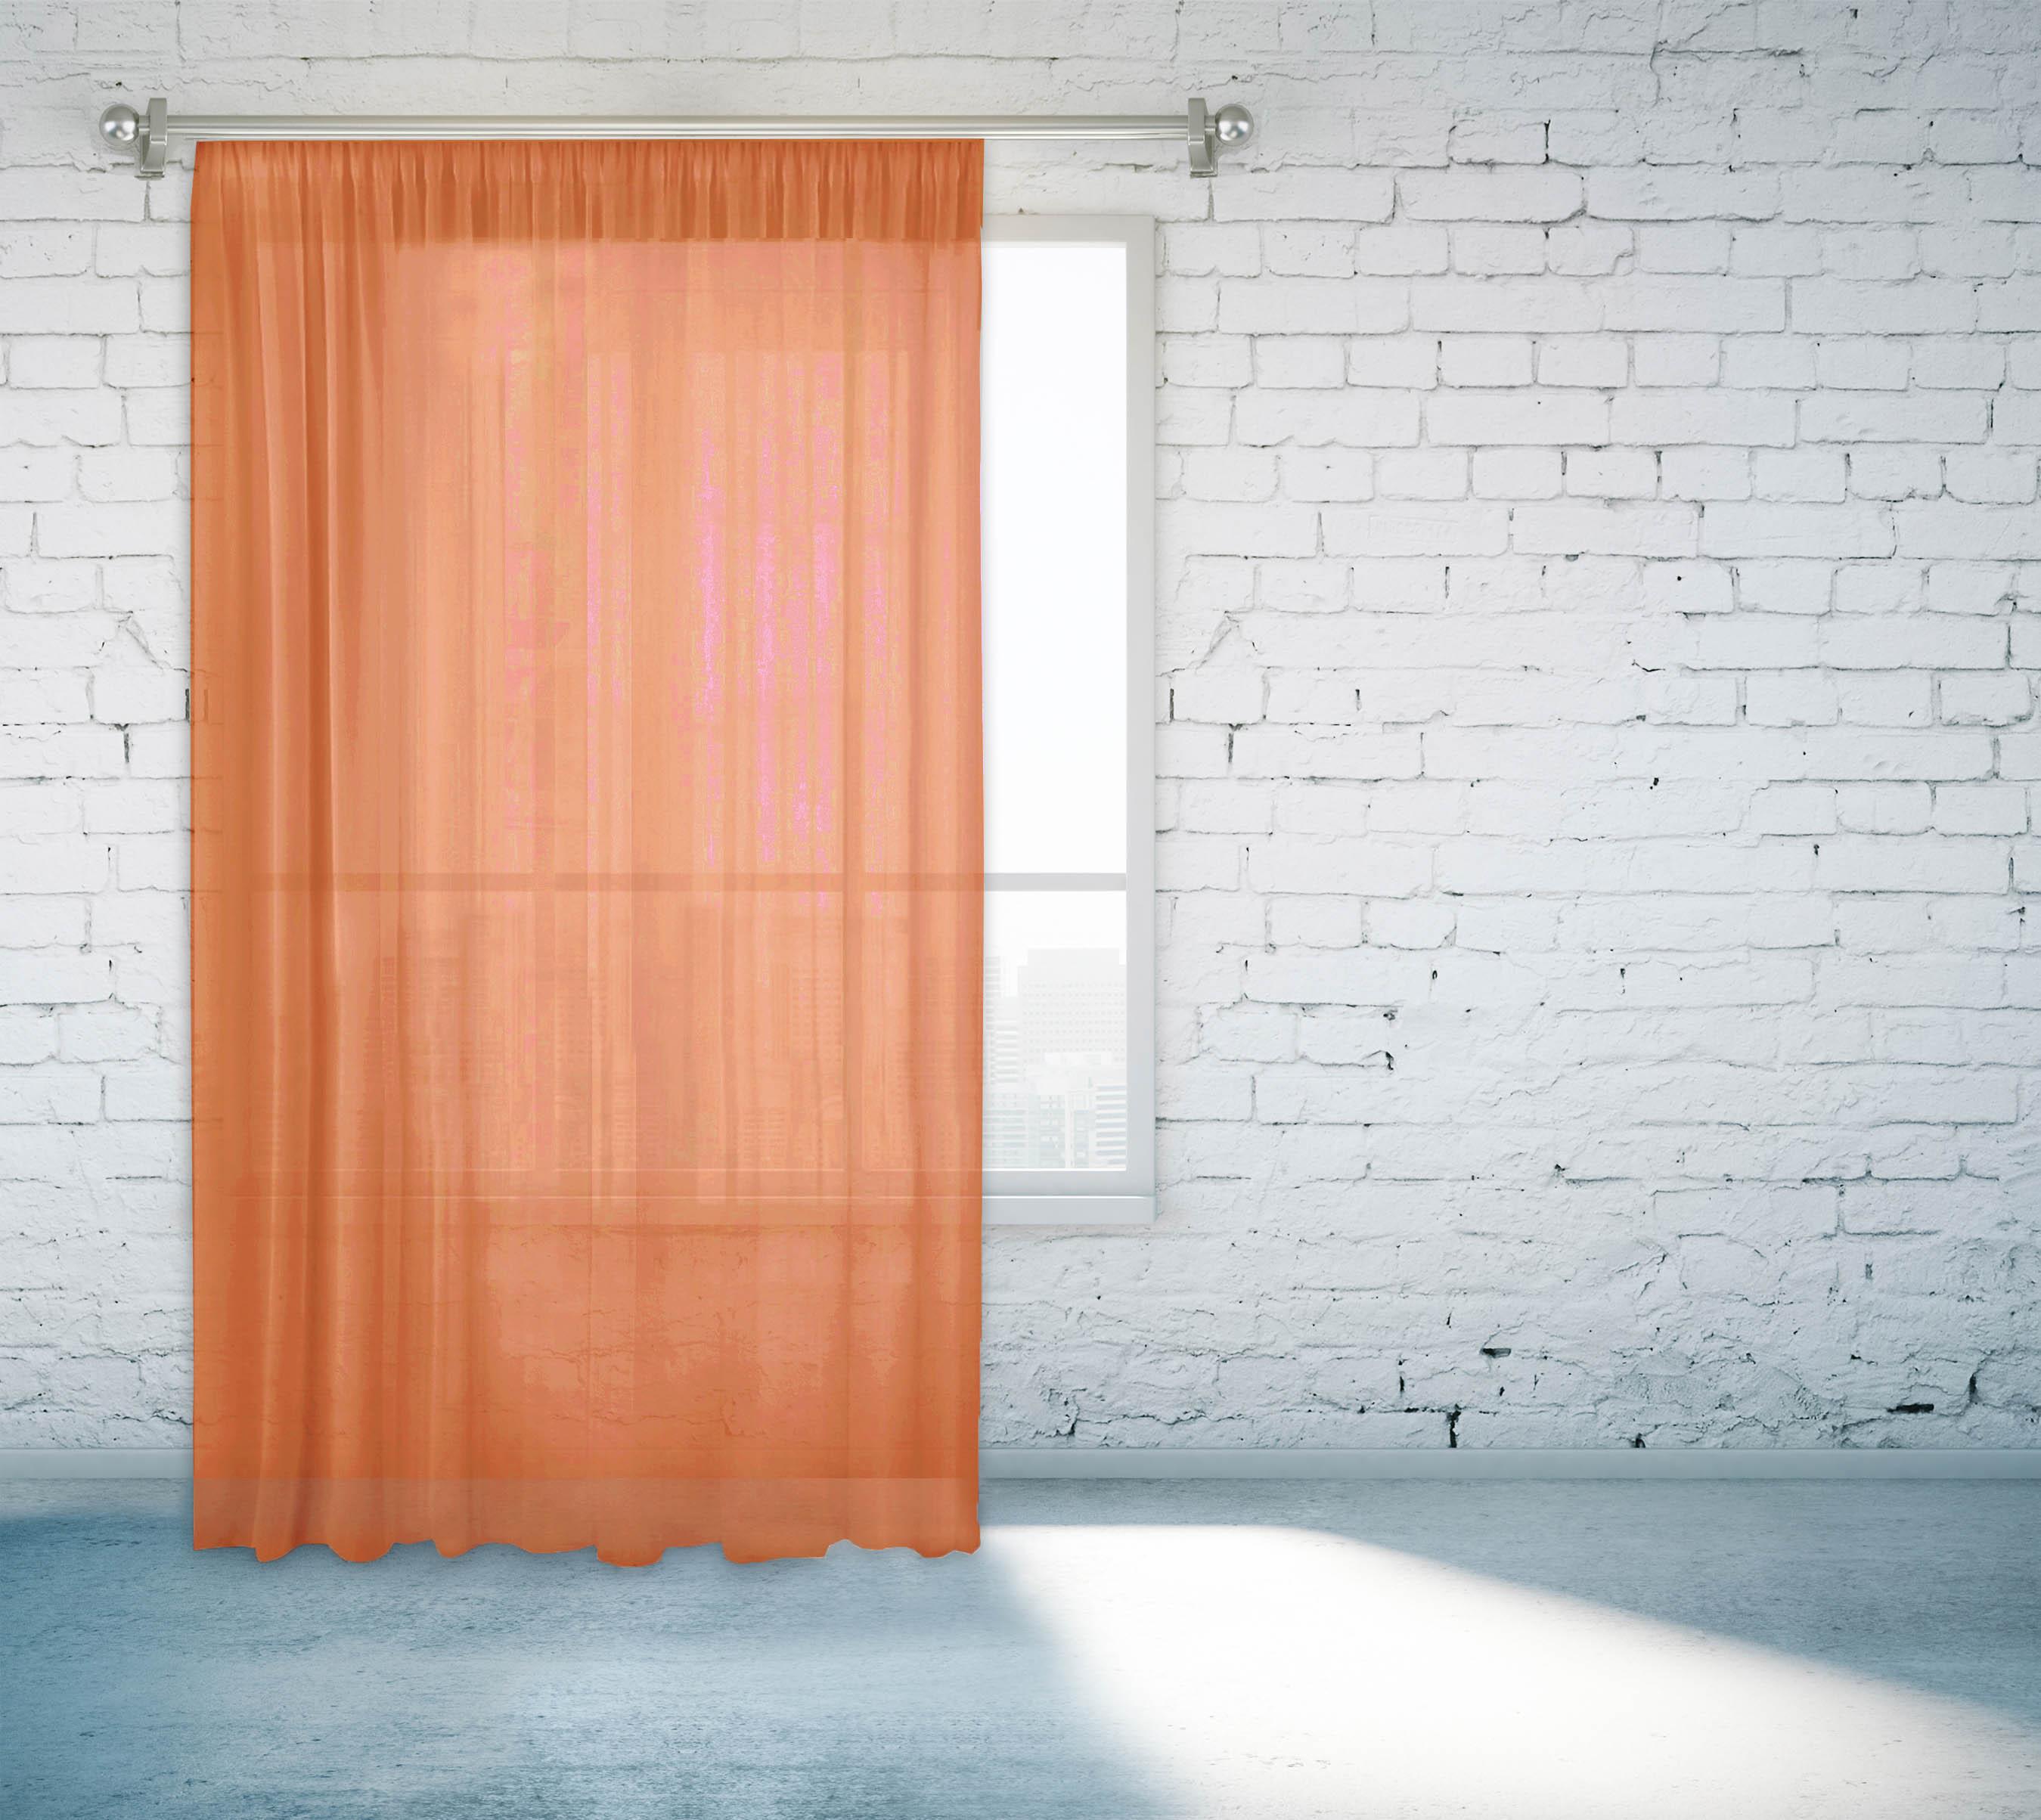 Купить Шторы Zlata Korunka, Классические шторы Adin Цвет: Рыжий, Россия, Оранжевый, Вуаль